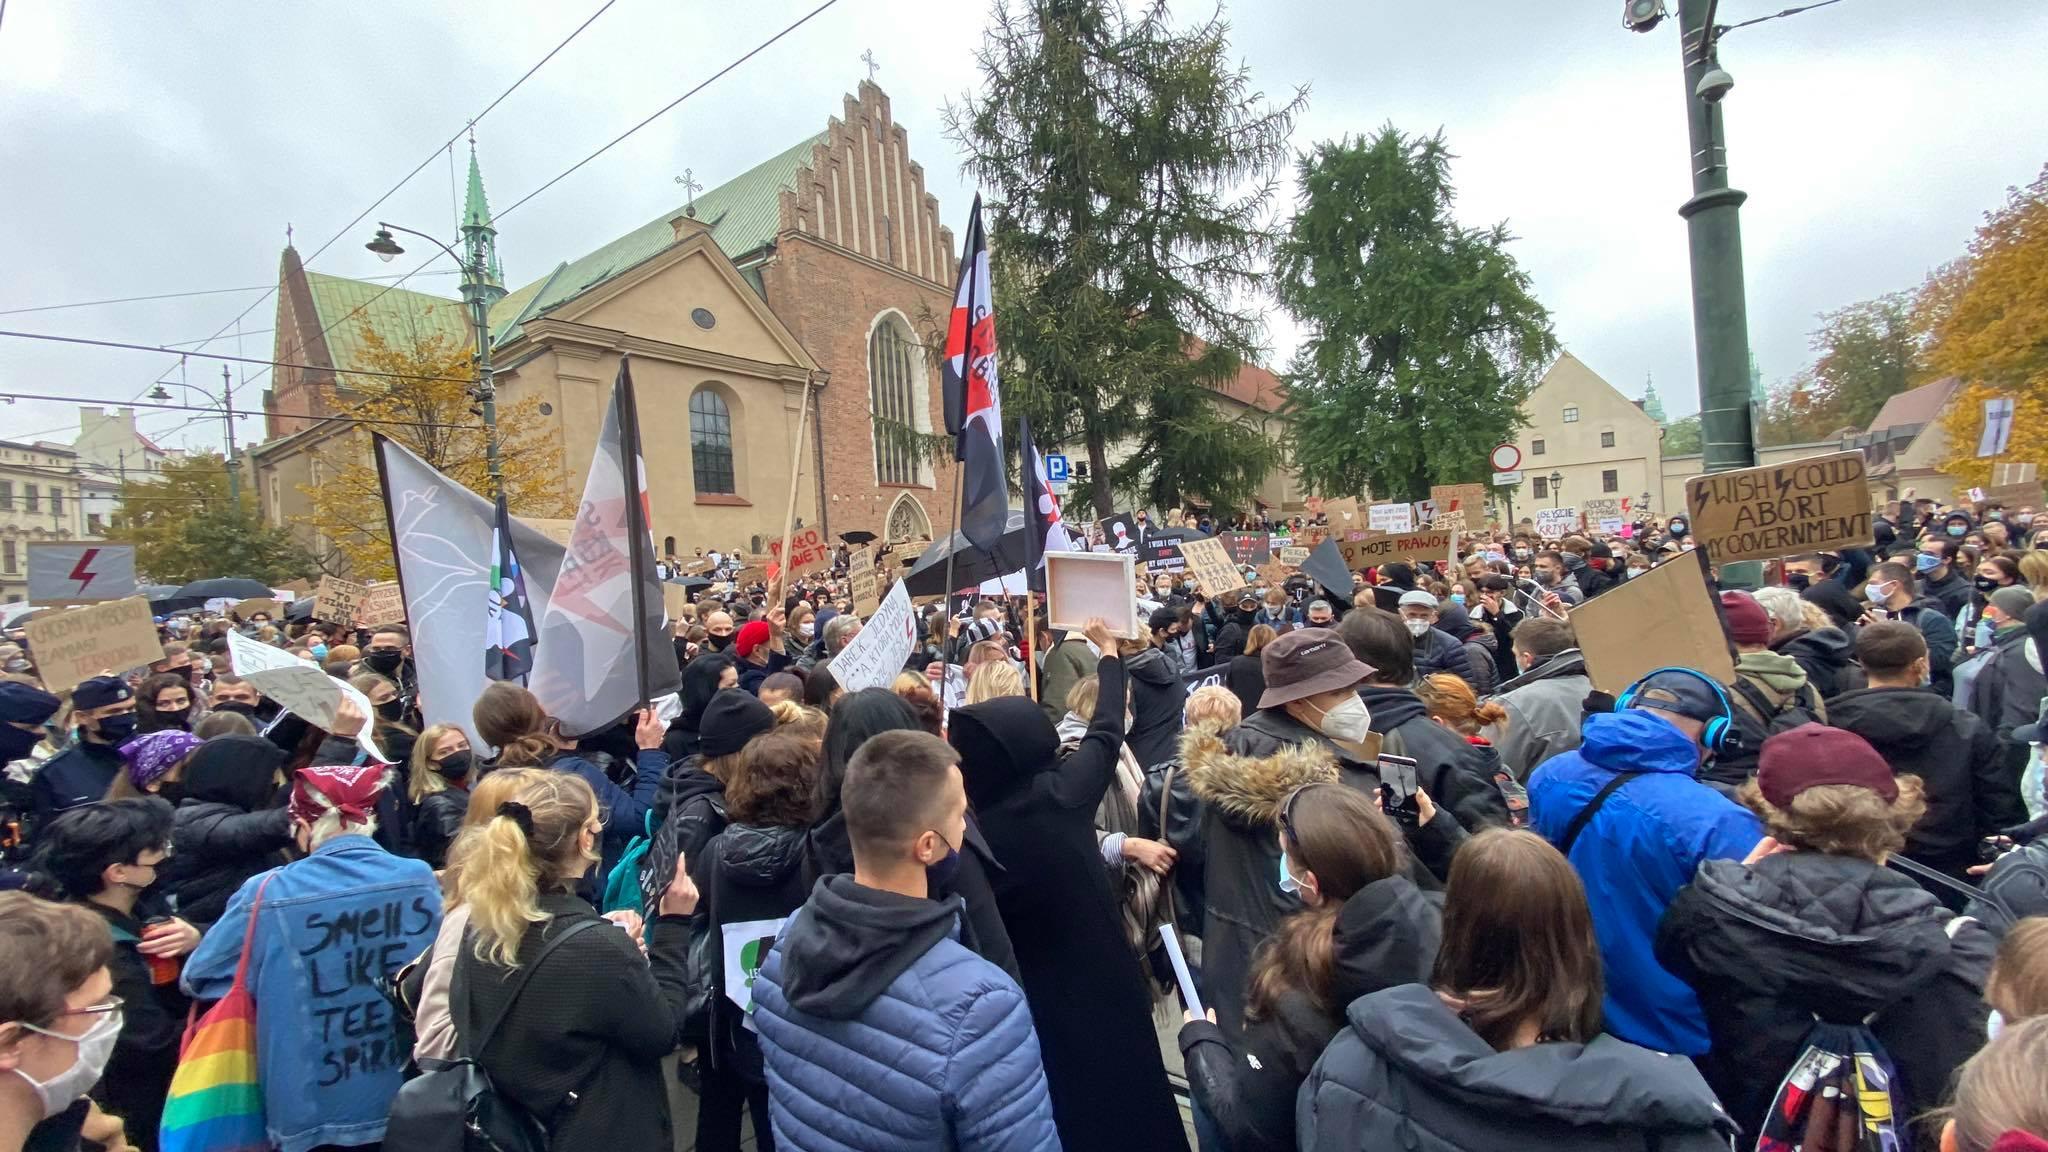 Tłumy protestujących pod kurią na Franciszkańskiej. Kolejny protest przeciwko wyrokowi TK [zdjęcia]